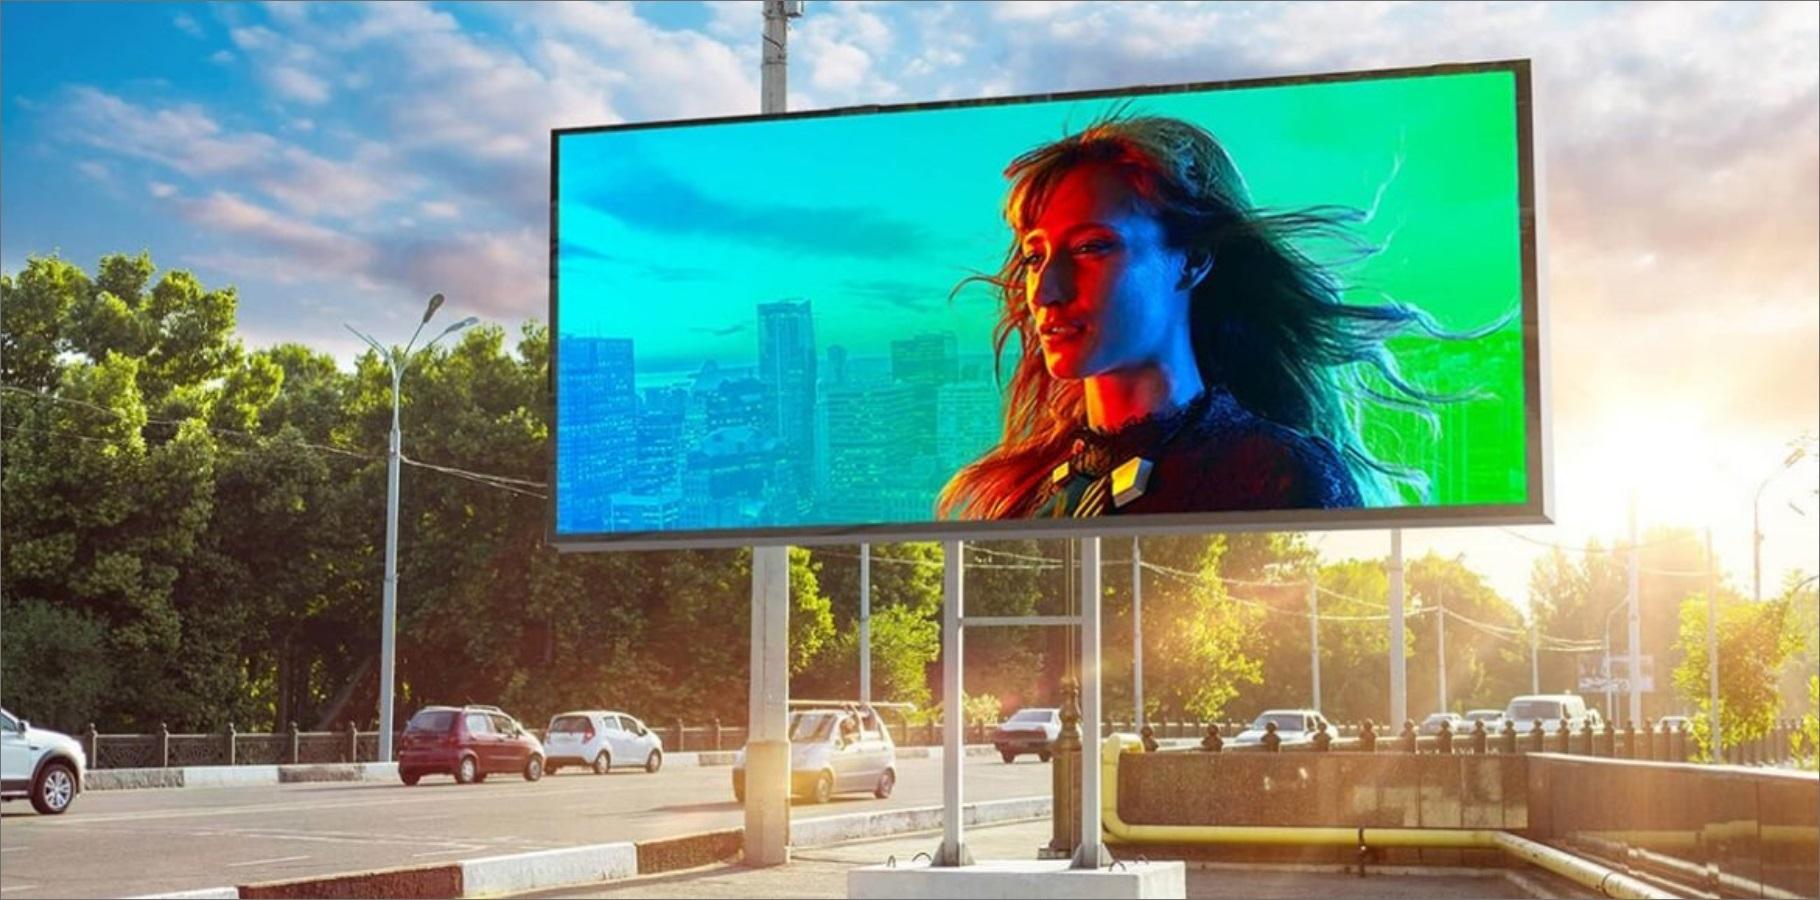 Aerosign - LED Advertising Heading - page v2